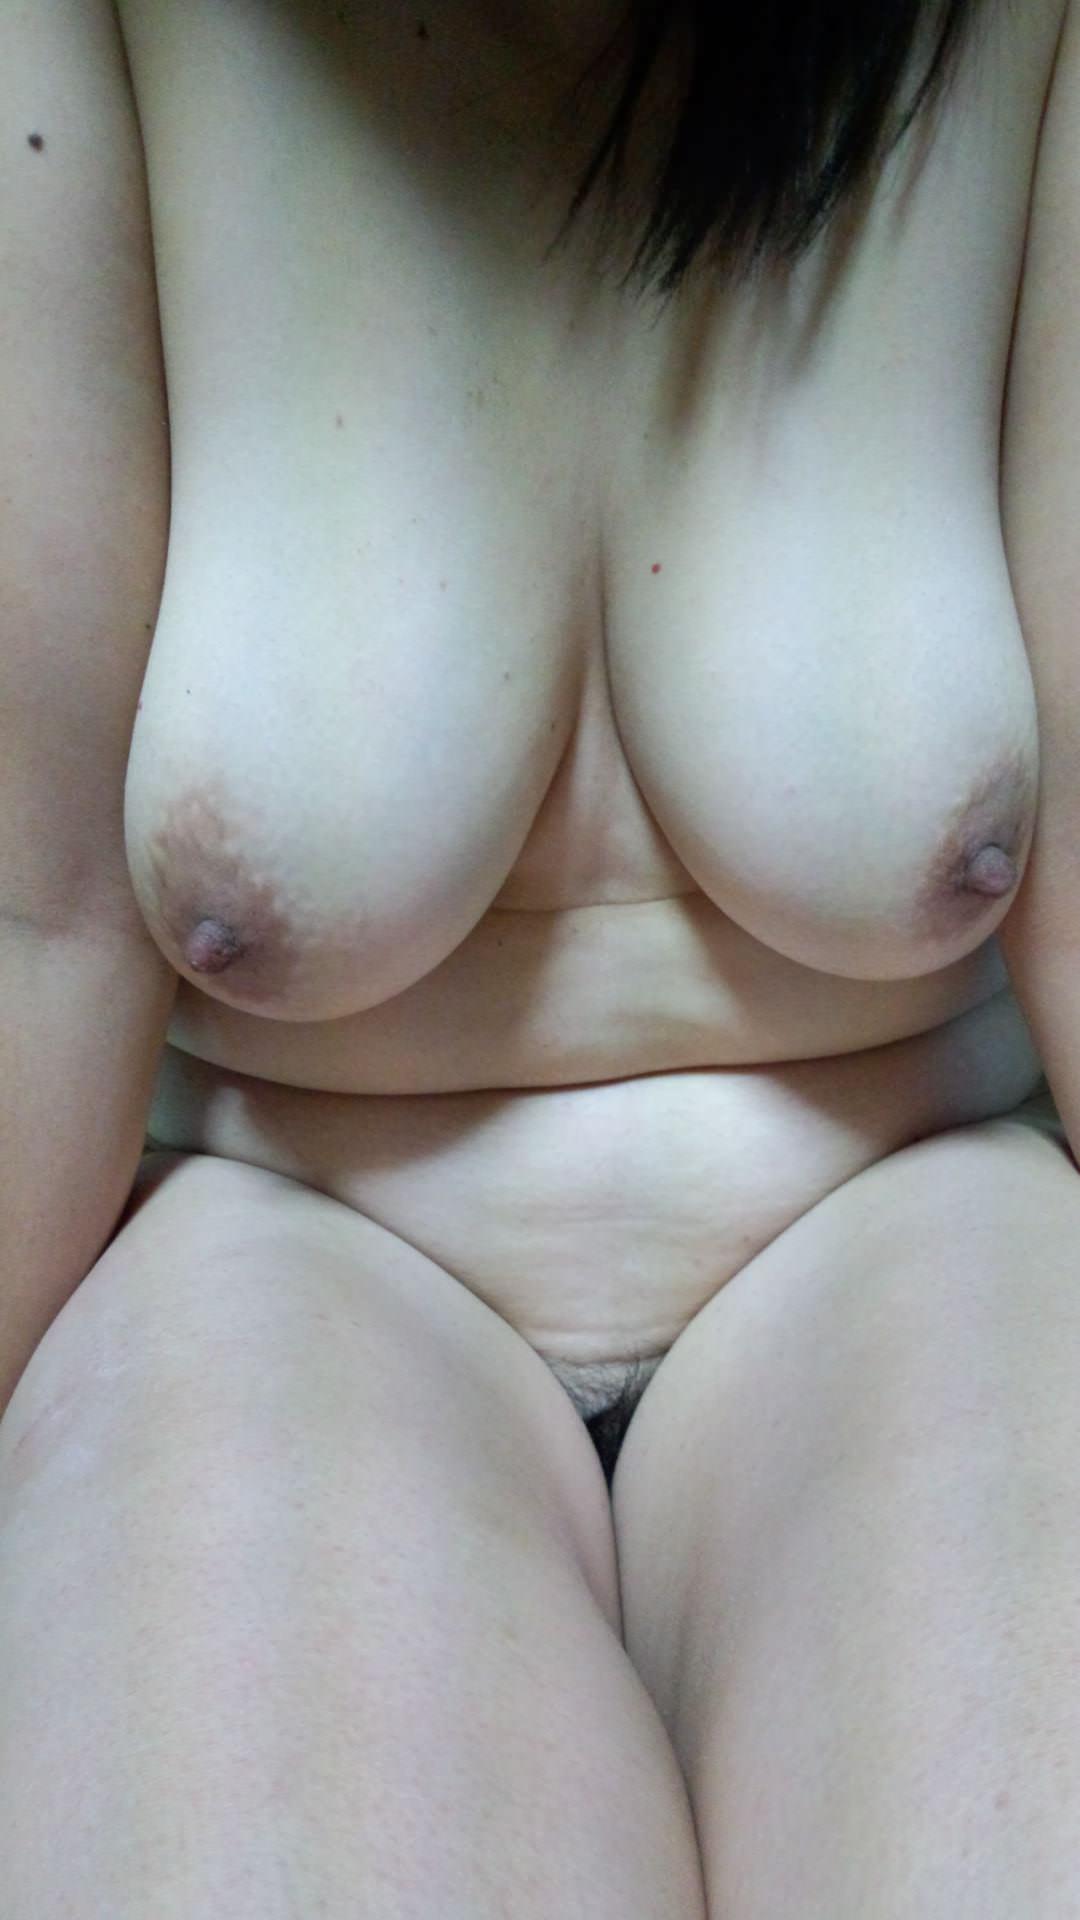 巨乳おっぱい熟女の豊満な身体ほんとすこwww 0820